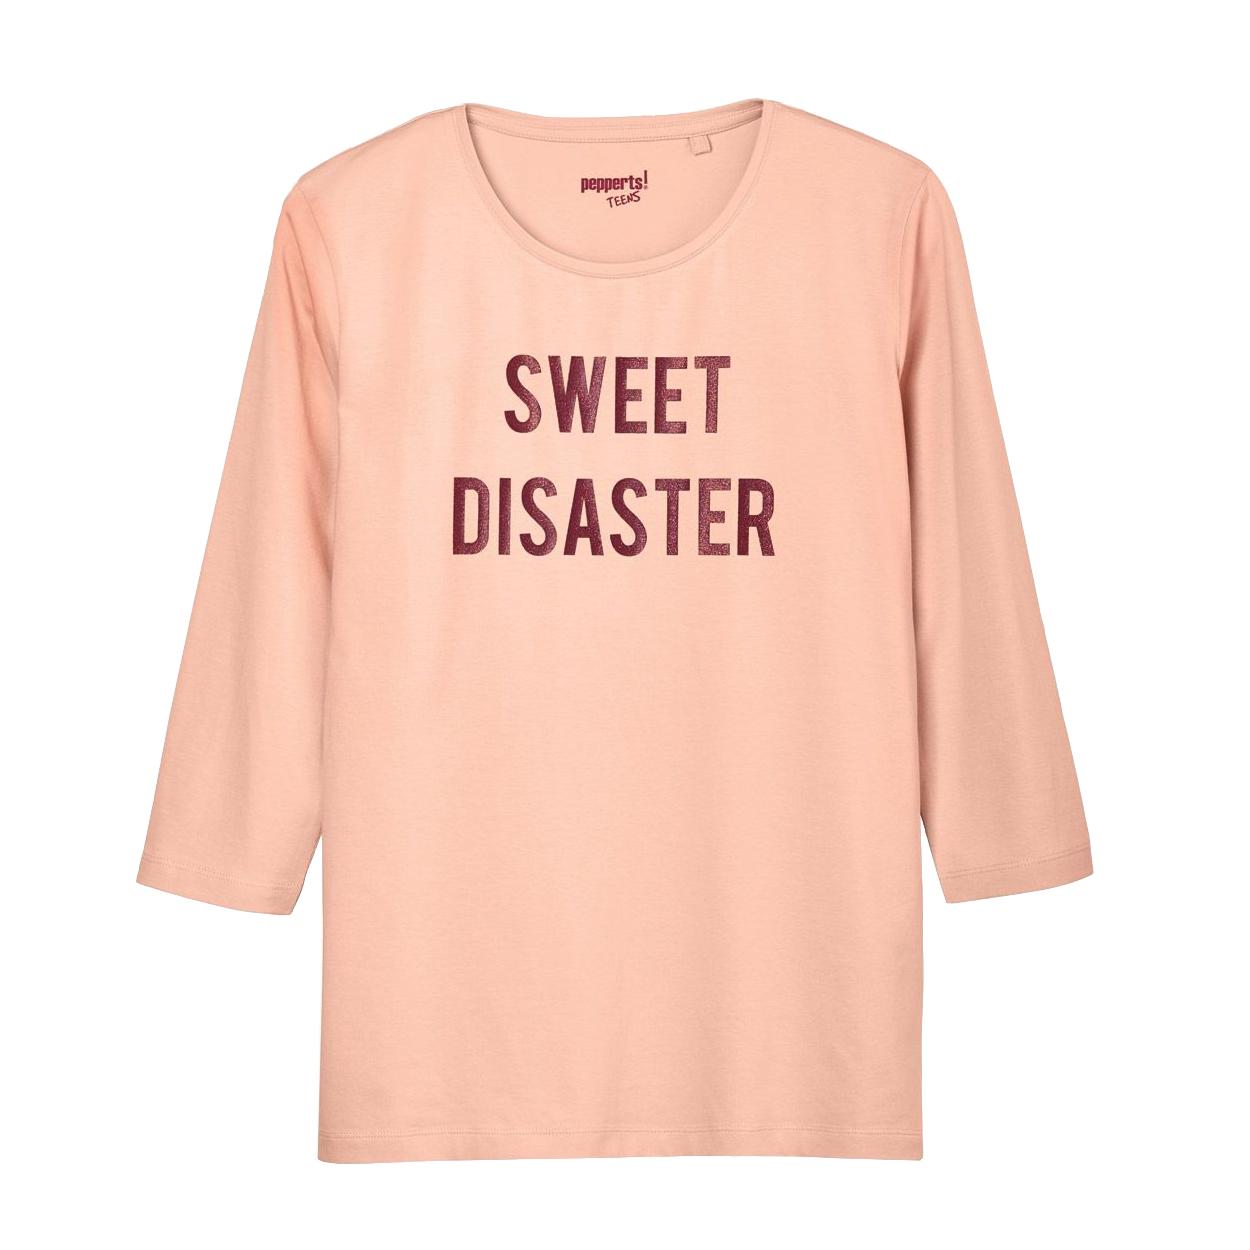 تی شرت دخترانه پیپرتس کد pes003